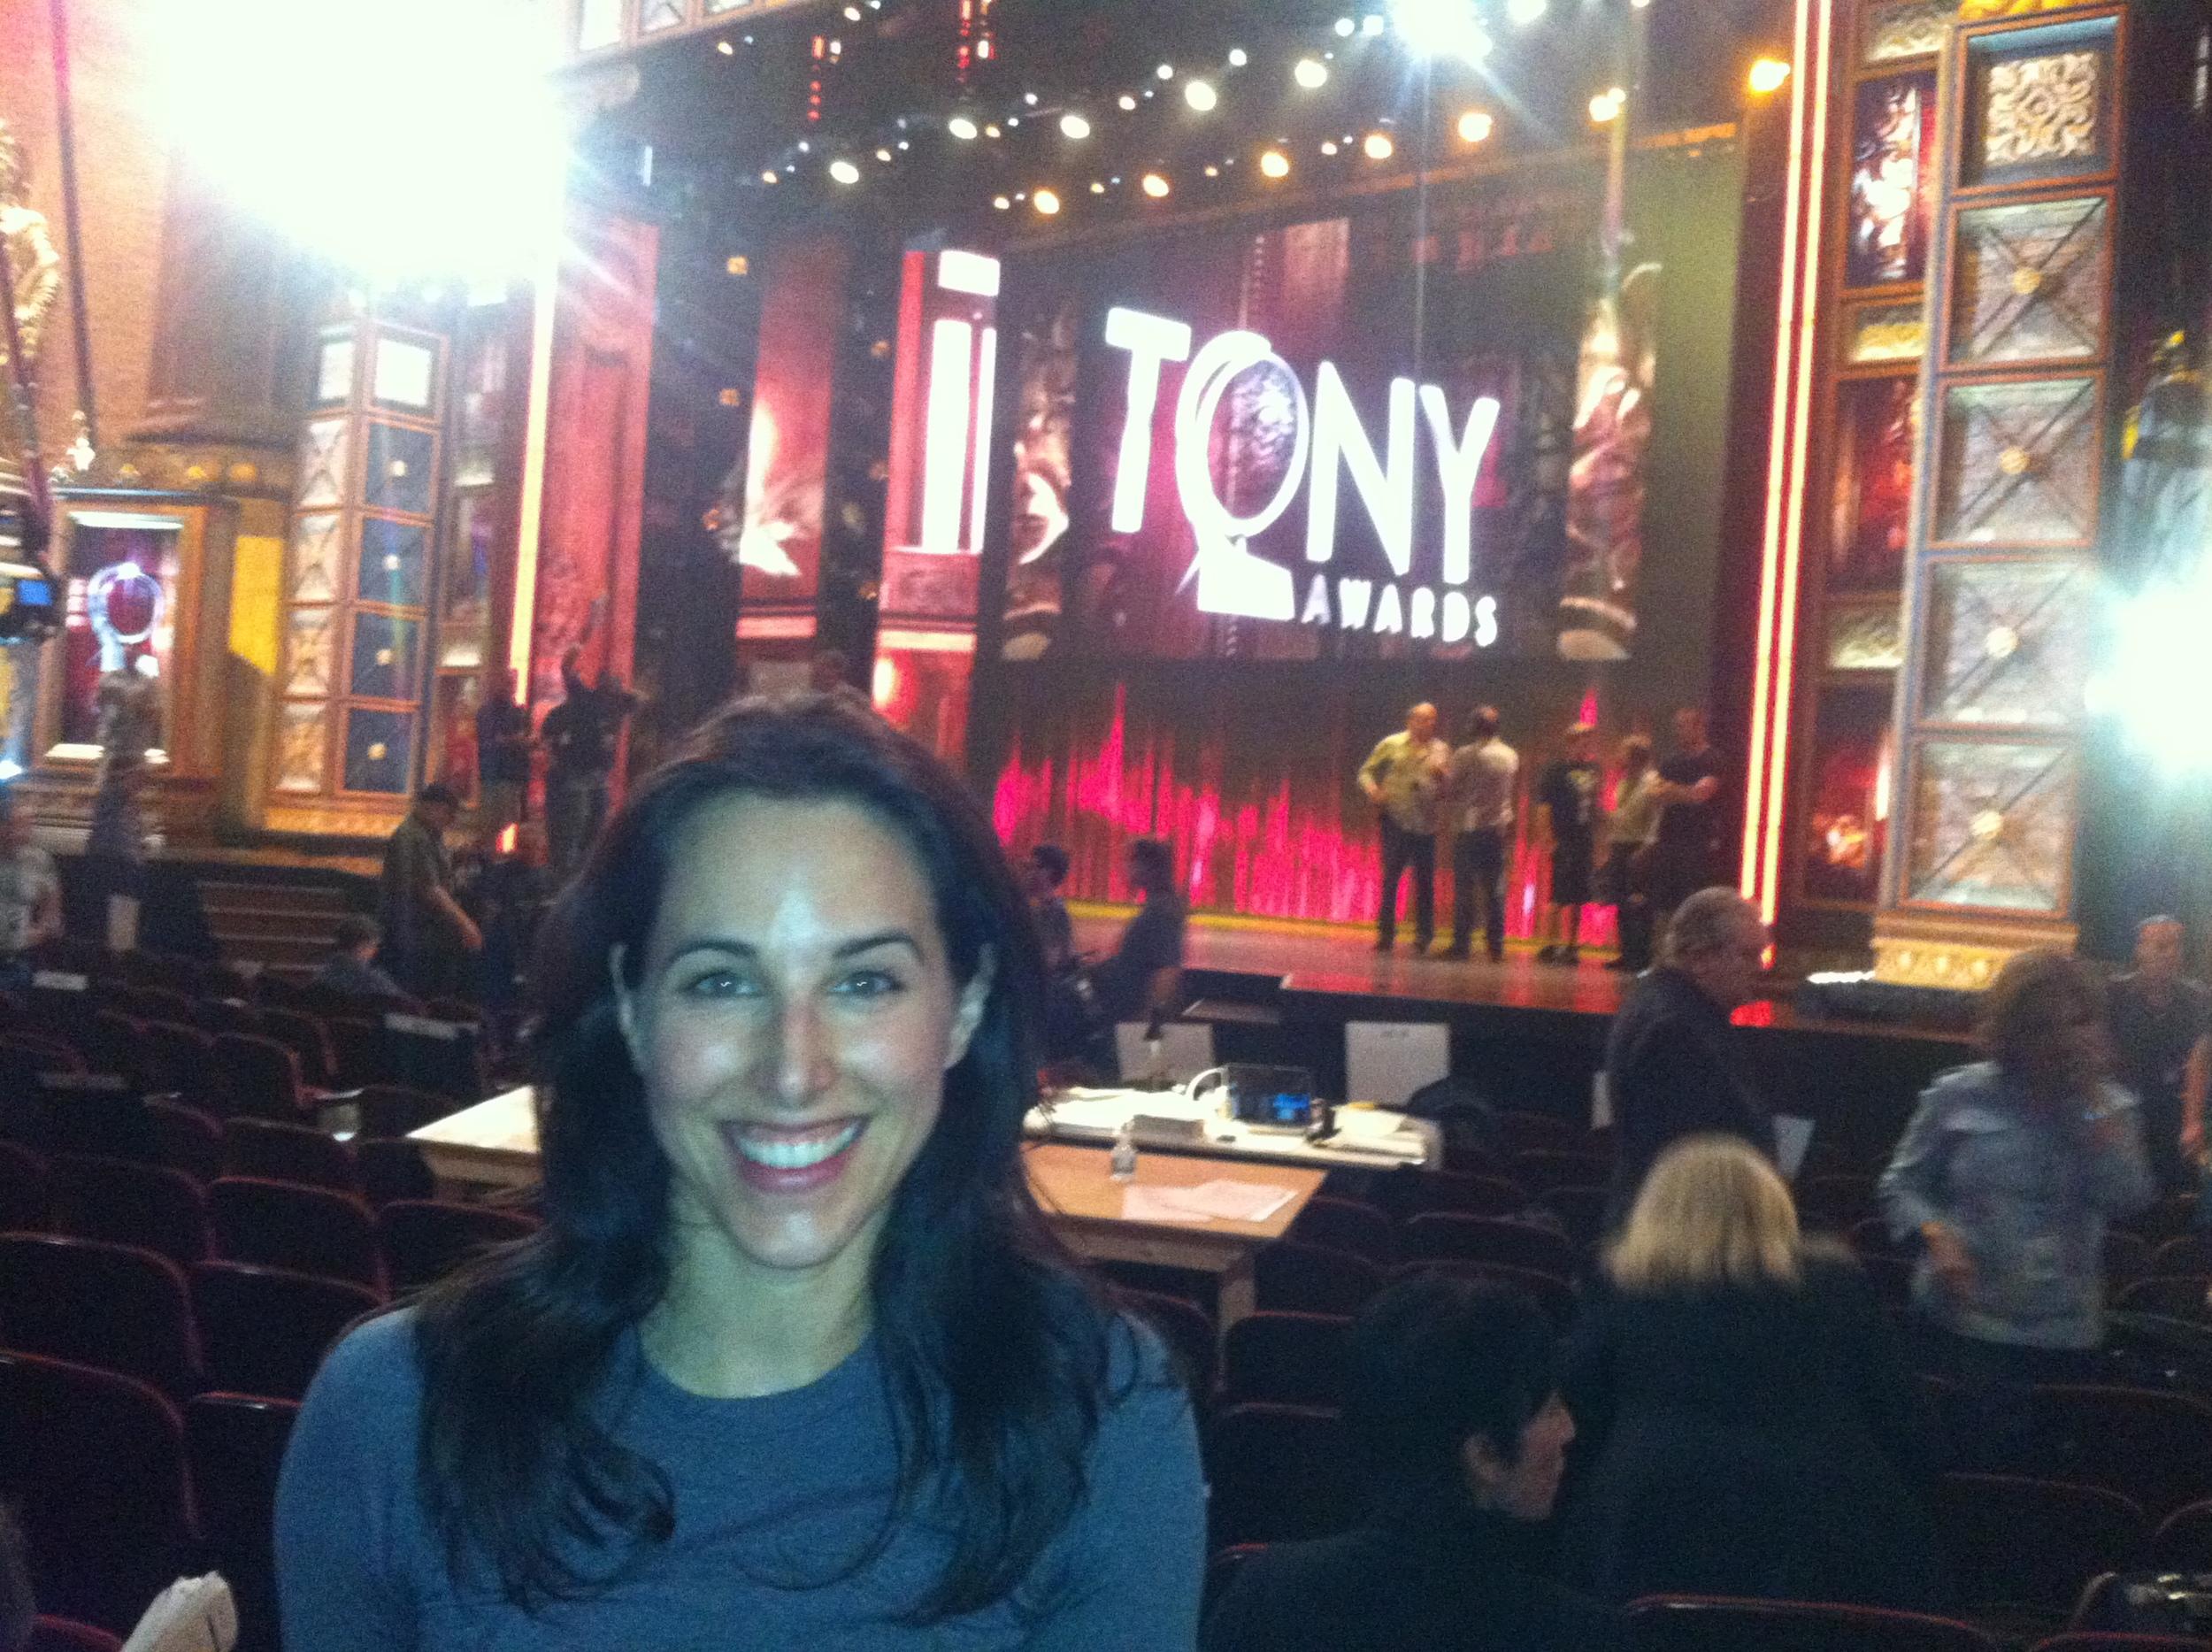 12-Tony Awards Rehearsal.JPG